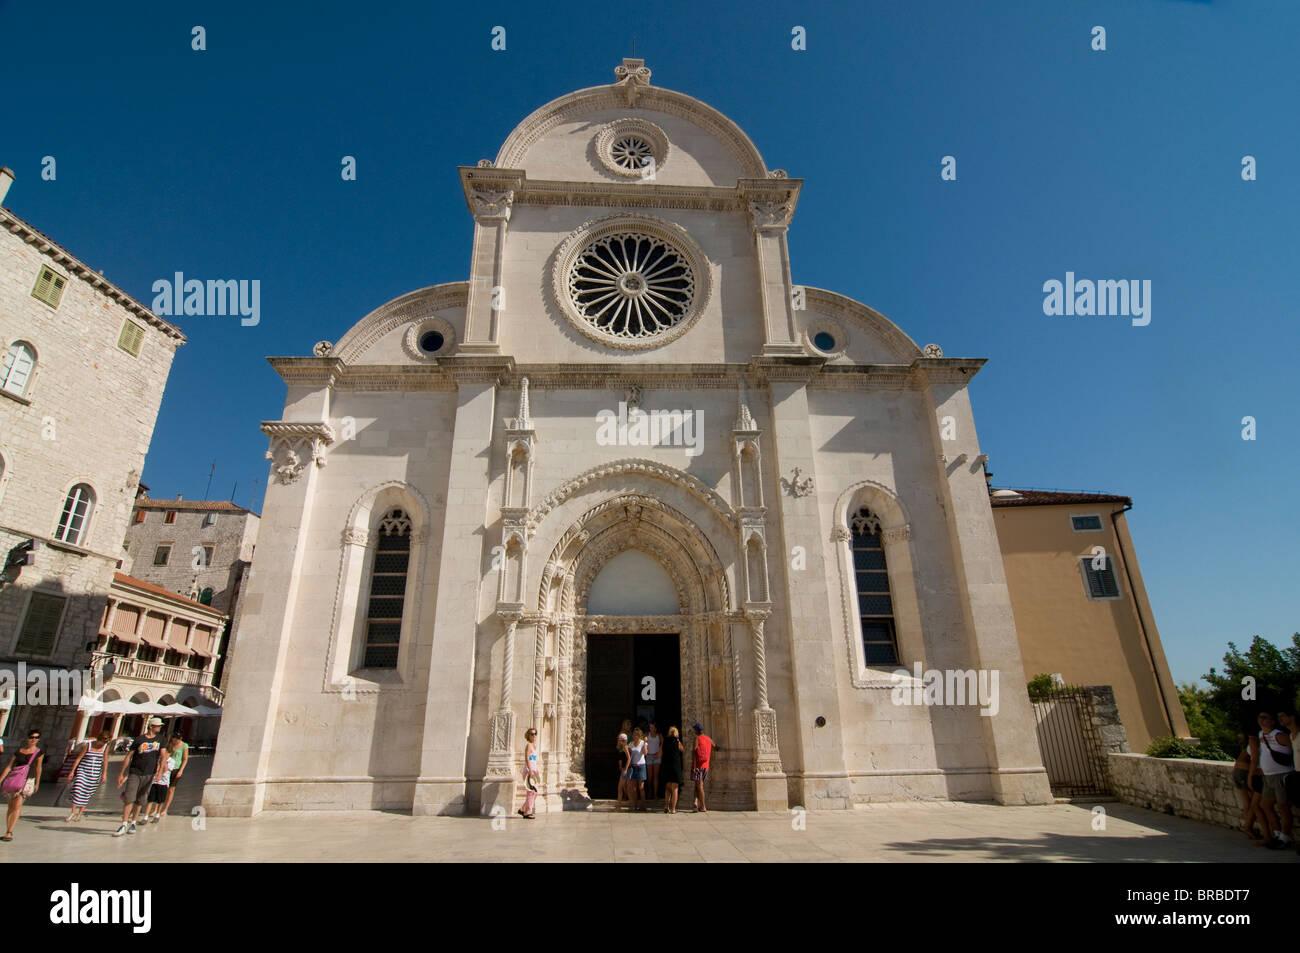 Die Kathedrale von St. James, Sibenik, UNESCO World Heritage Site, Kroatien Stockbild